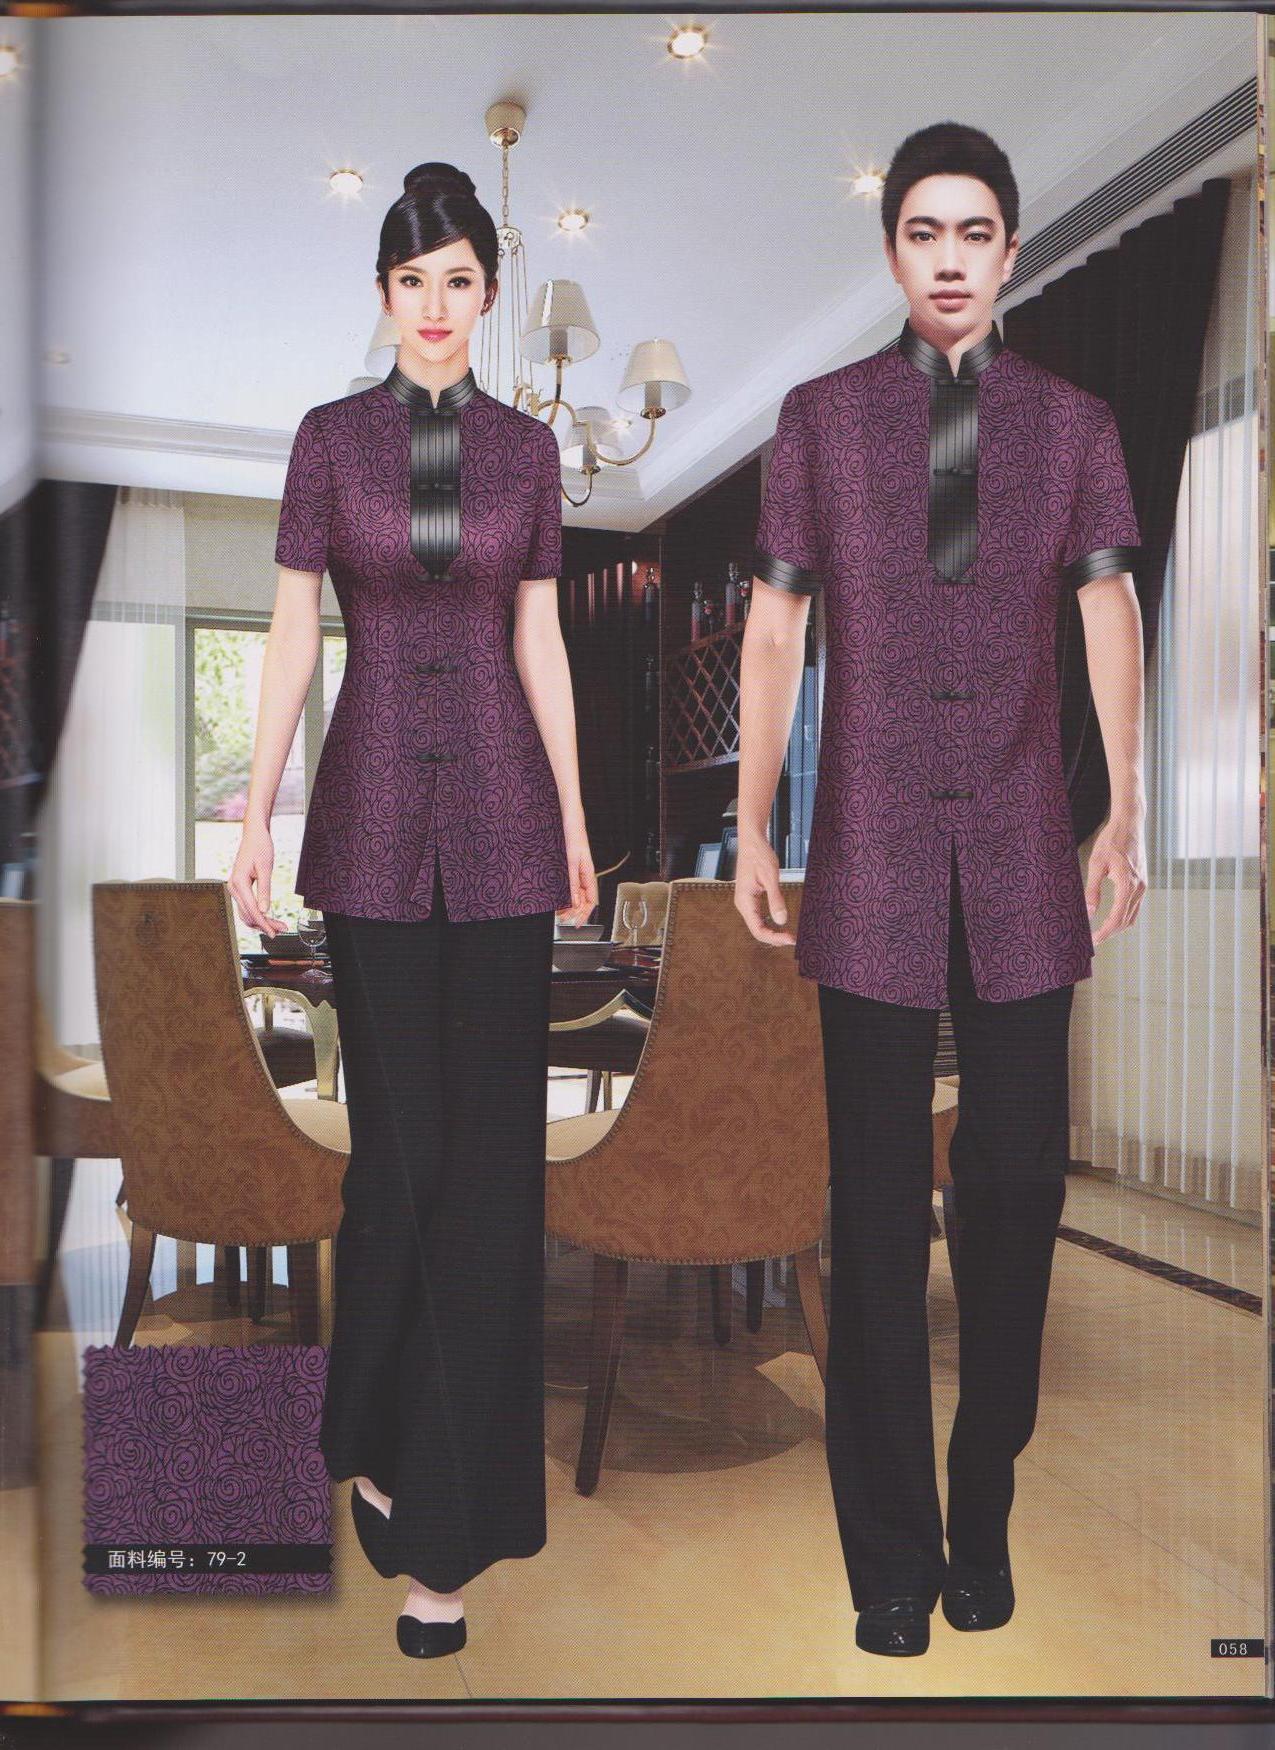 济南工作服订做款式多样,价格实惠,质量好,穿着舒服。